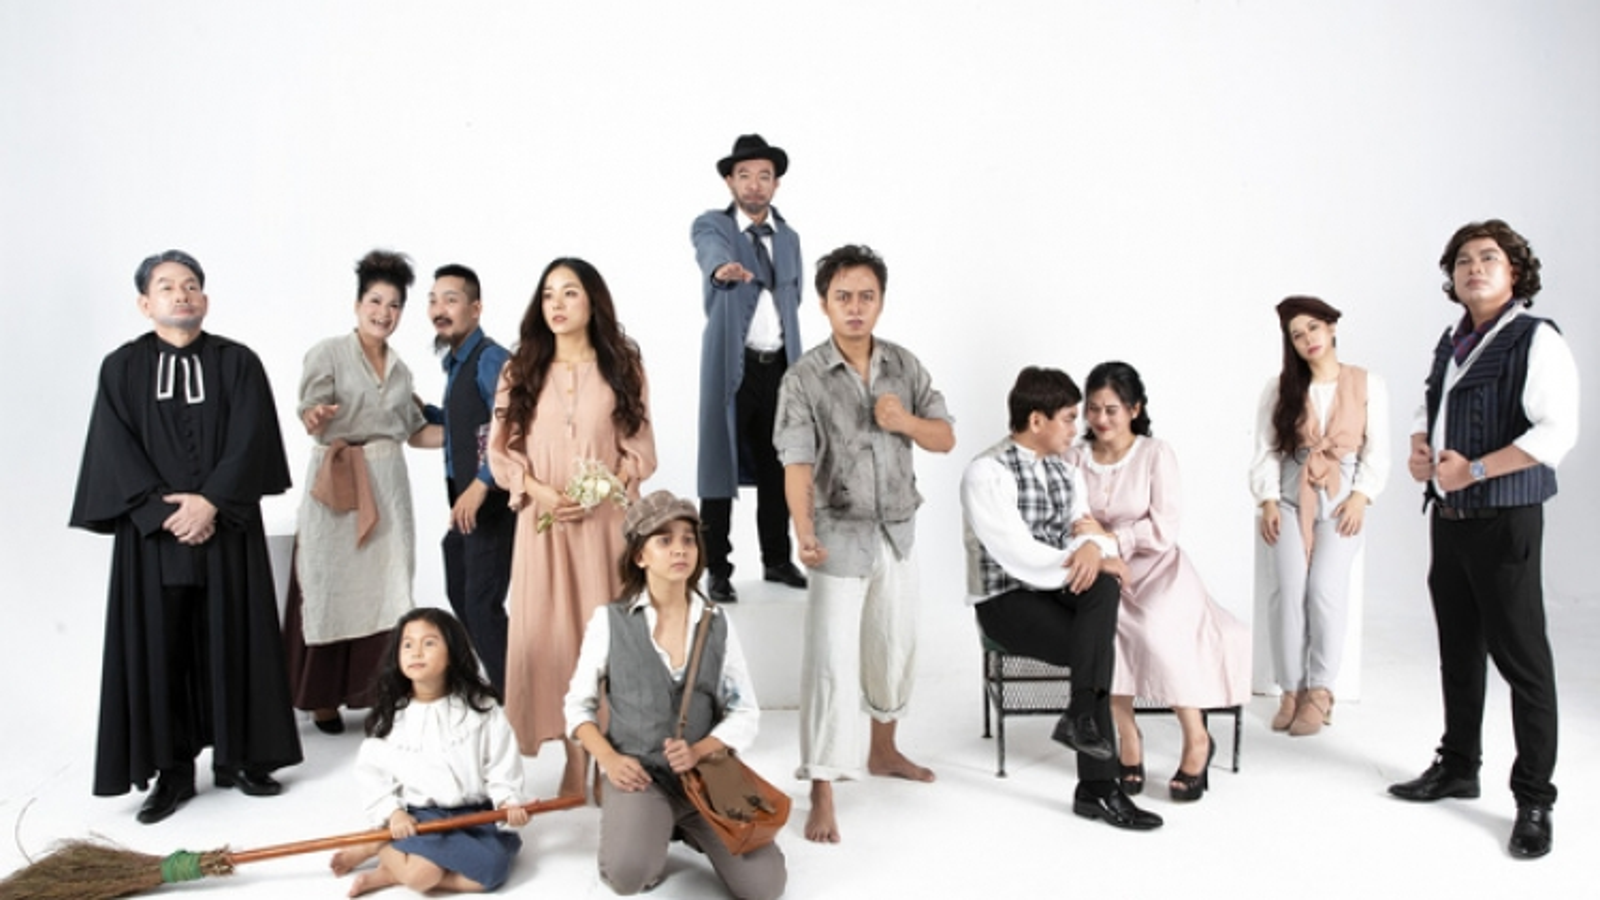 'Les Misérables' to make Vietnamese stage debut